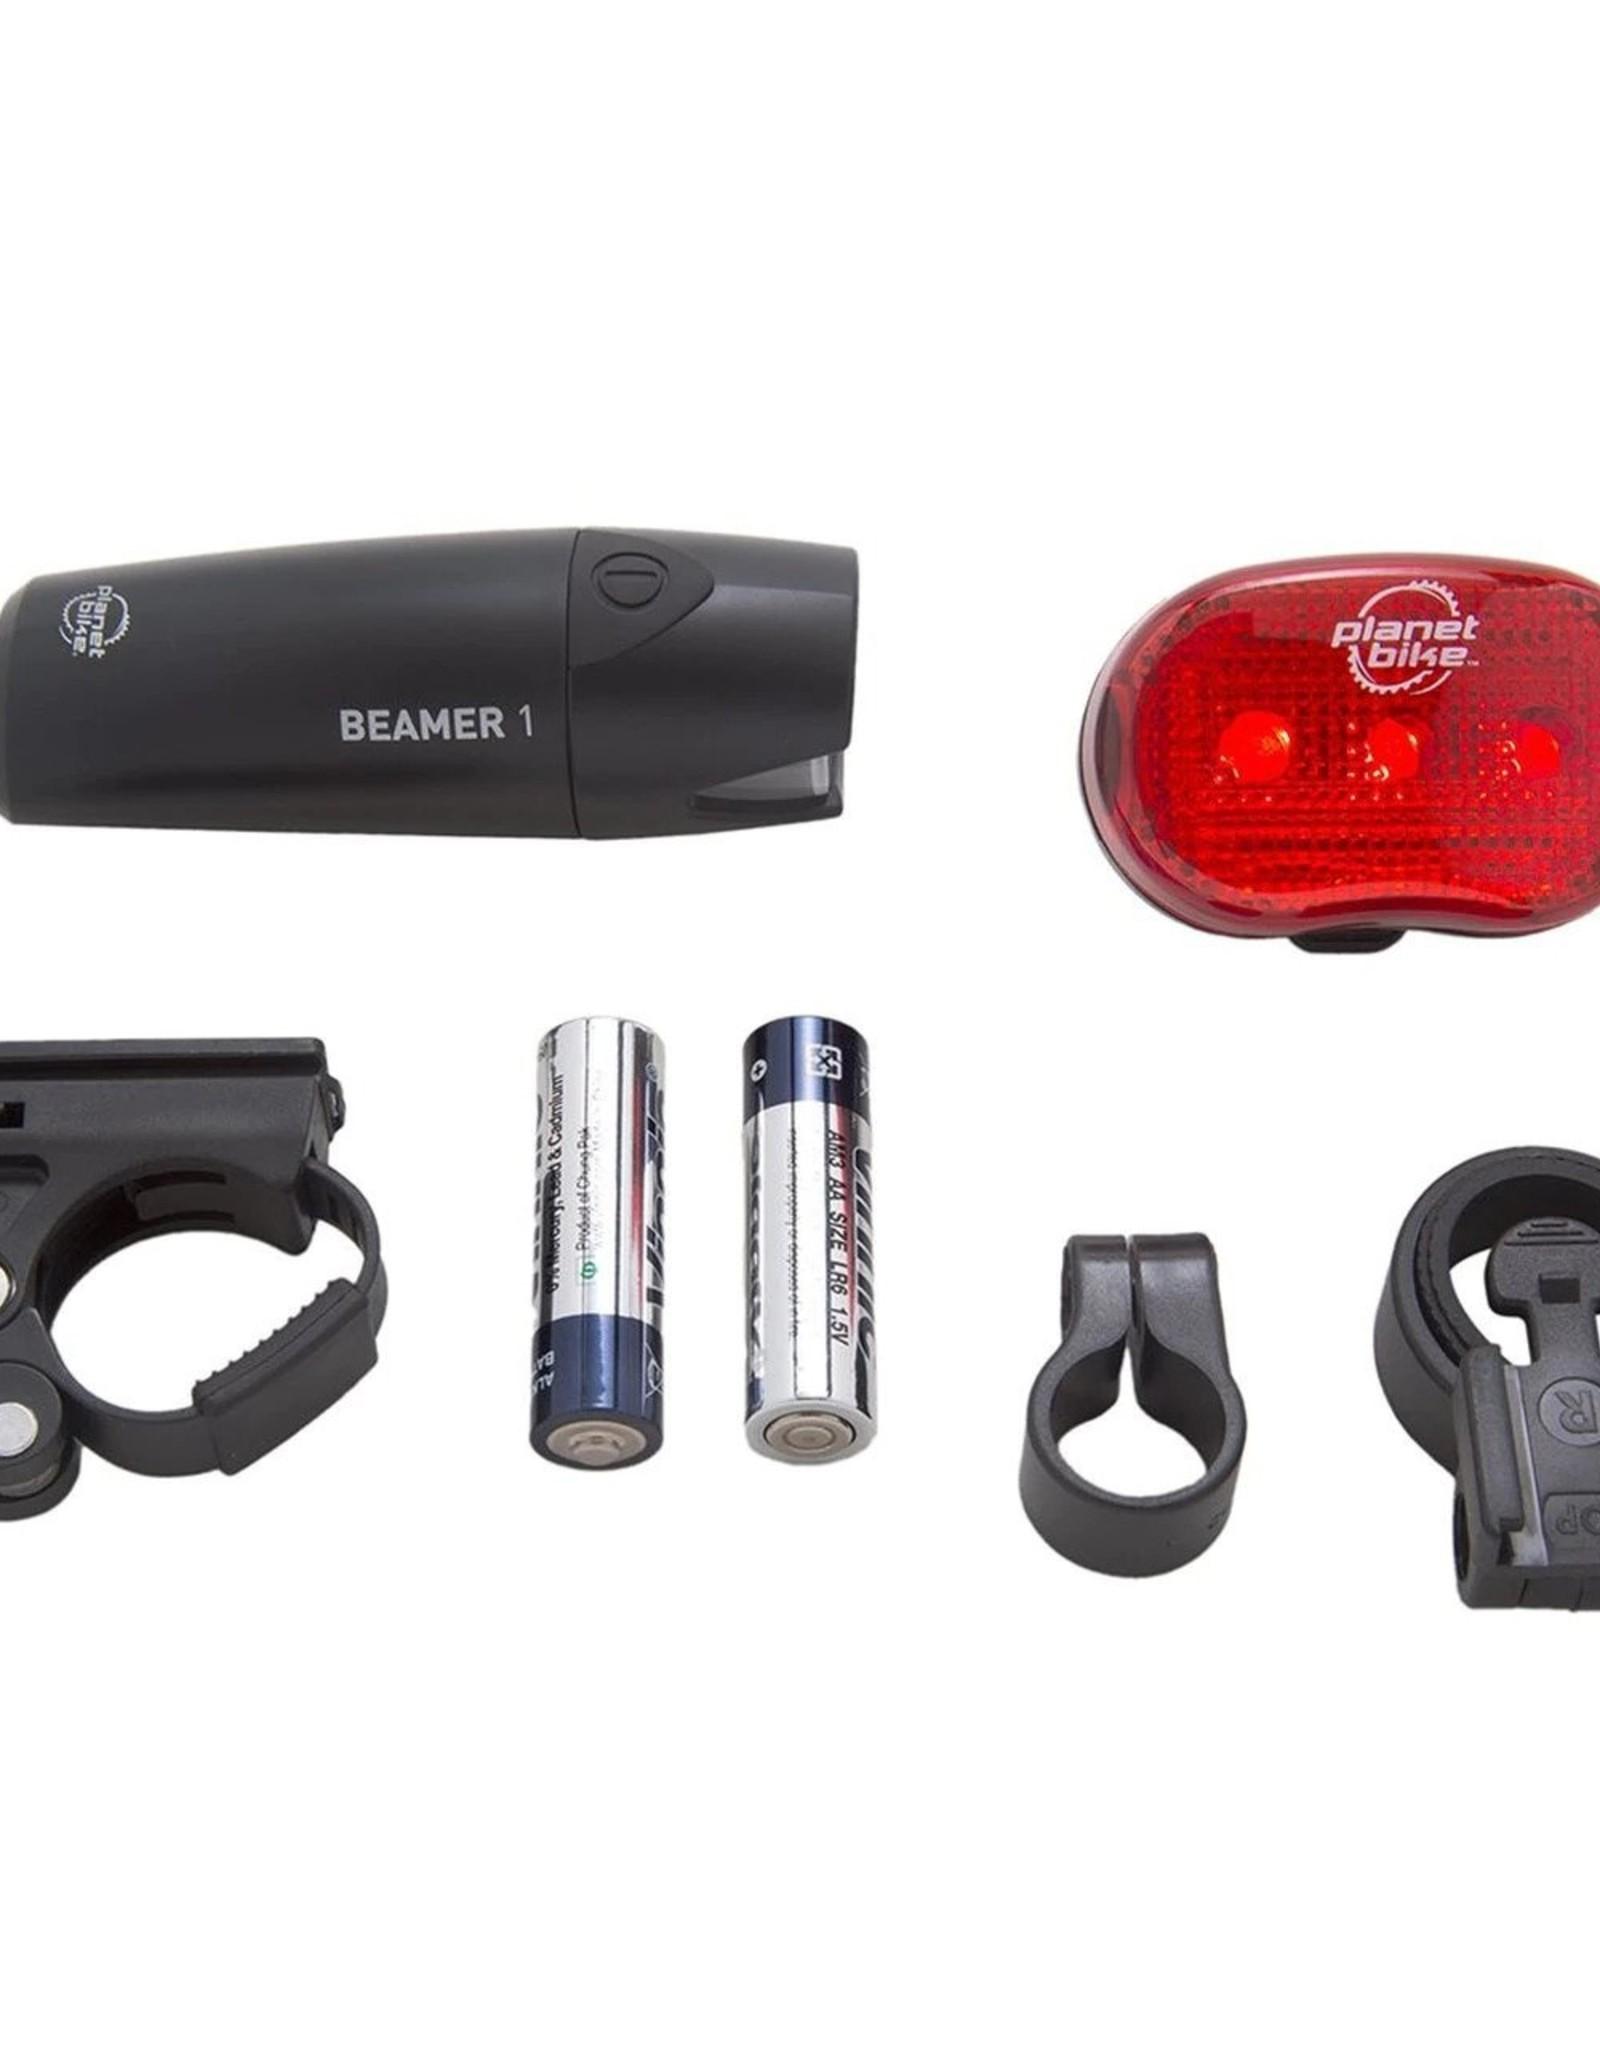 Planet Bike Planet Bike Beamer 1 Headlight + Blinky 3 Taillight Set